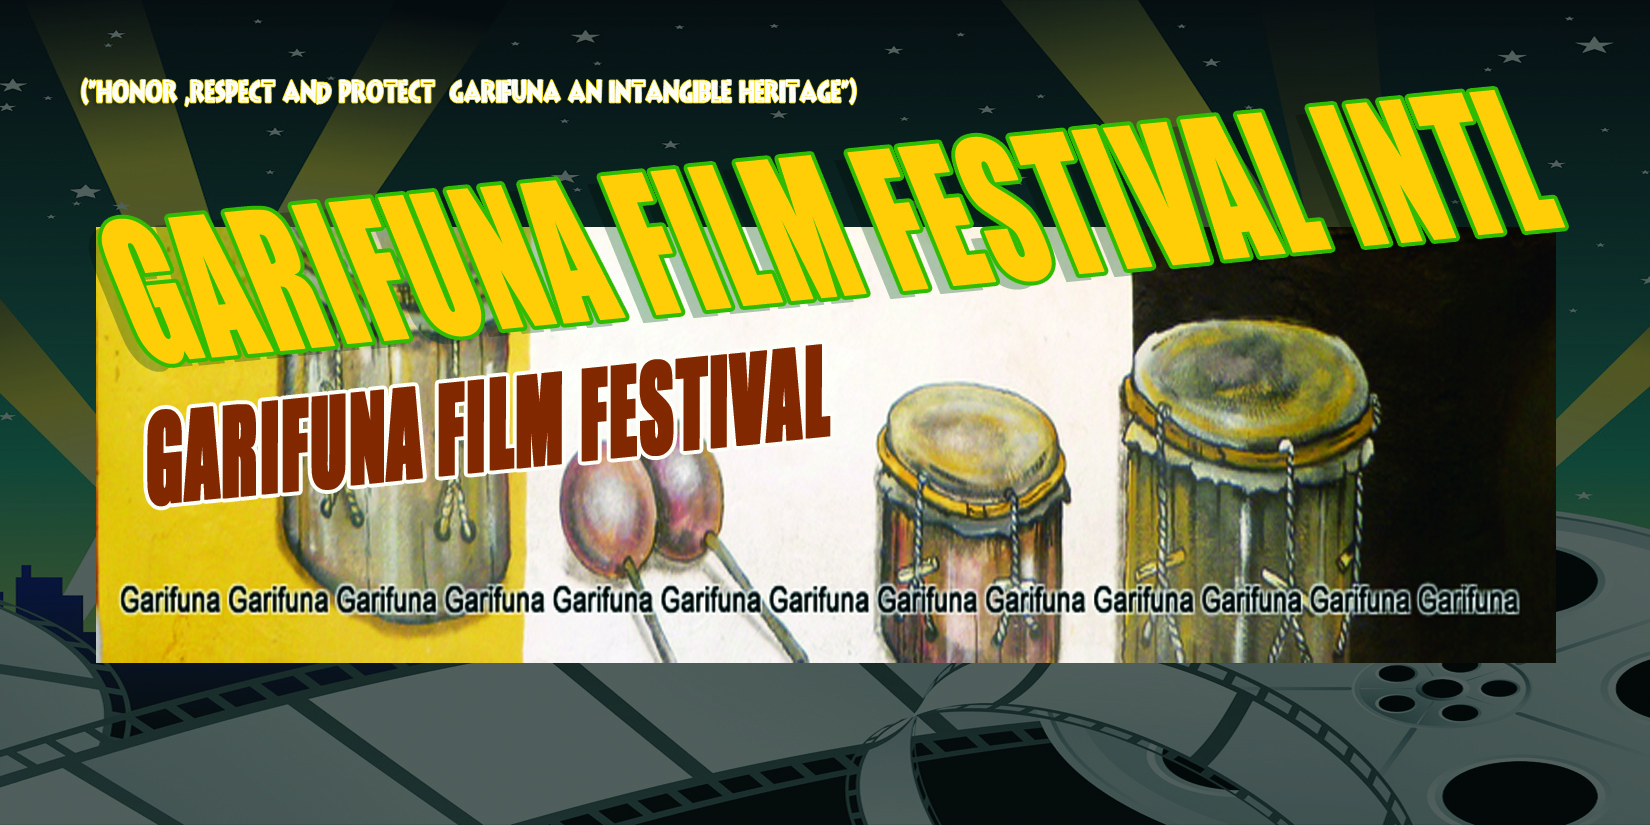 2ND ANNUAL GARIFUNA iNTERNATIONAL  FILM FESTIVAL